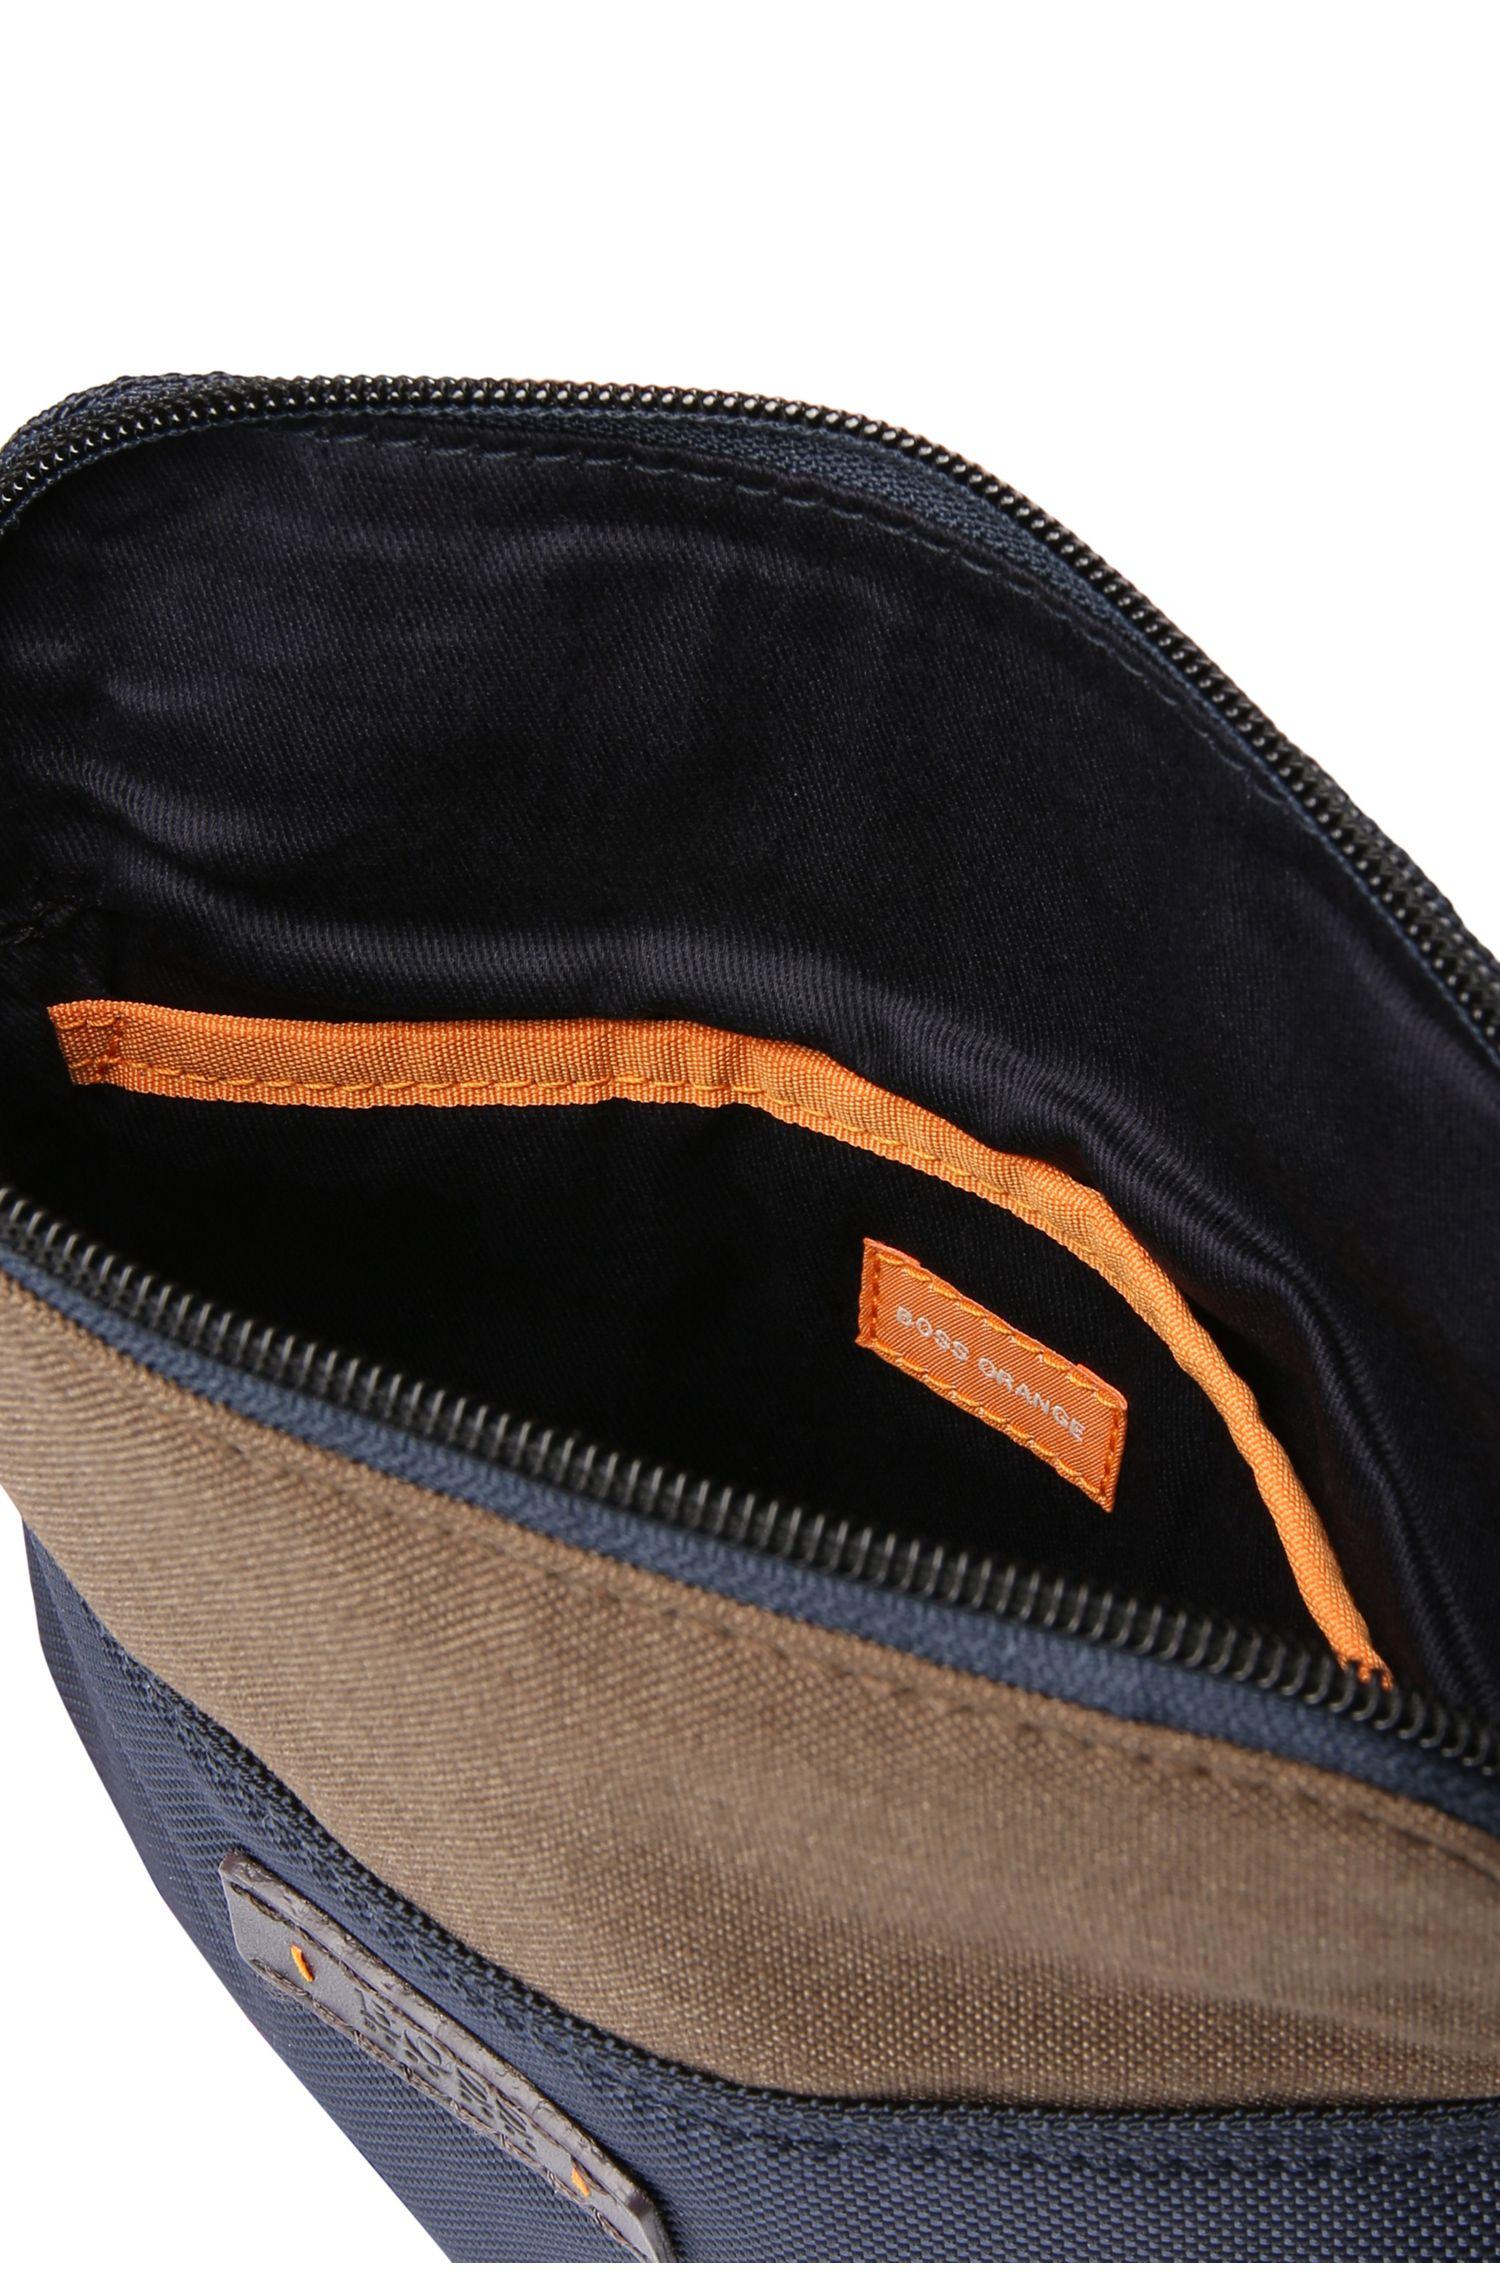 Petit sac en bandoulière en nylon structuré: «Saturn_S zip env»